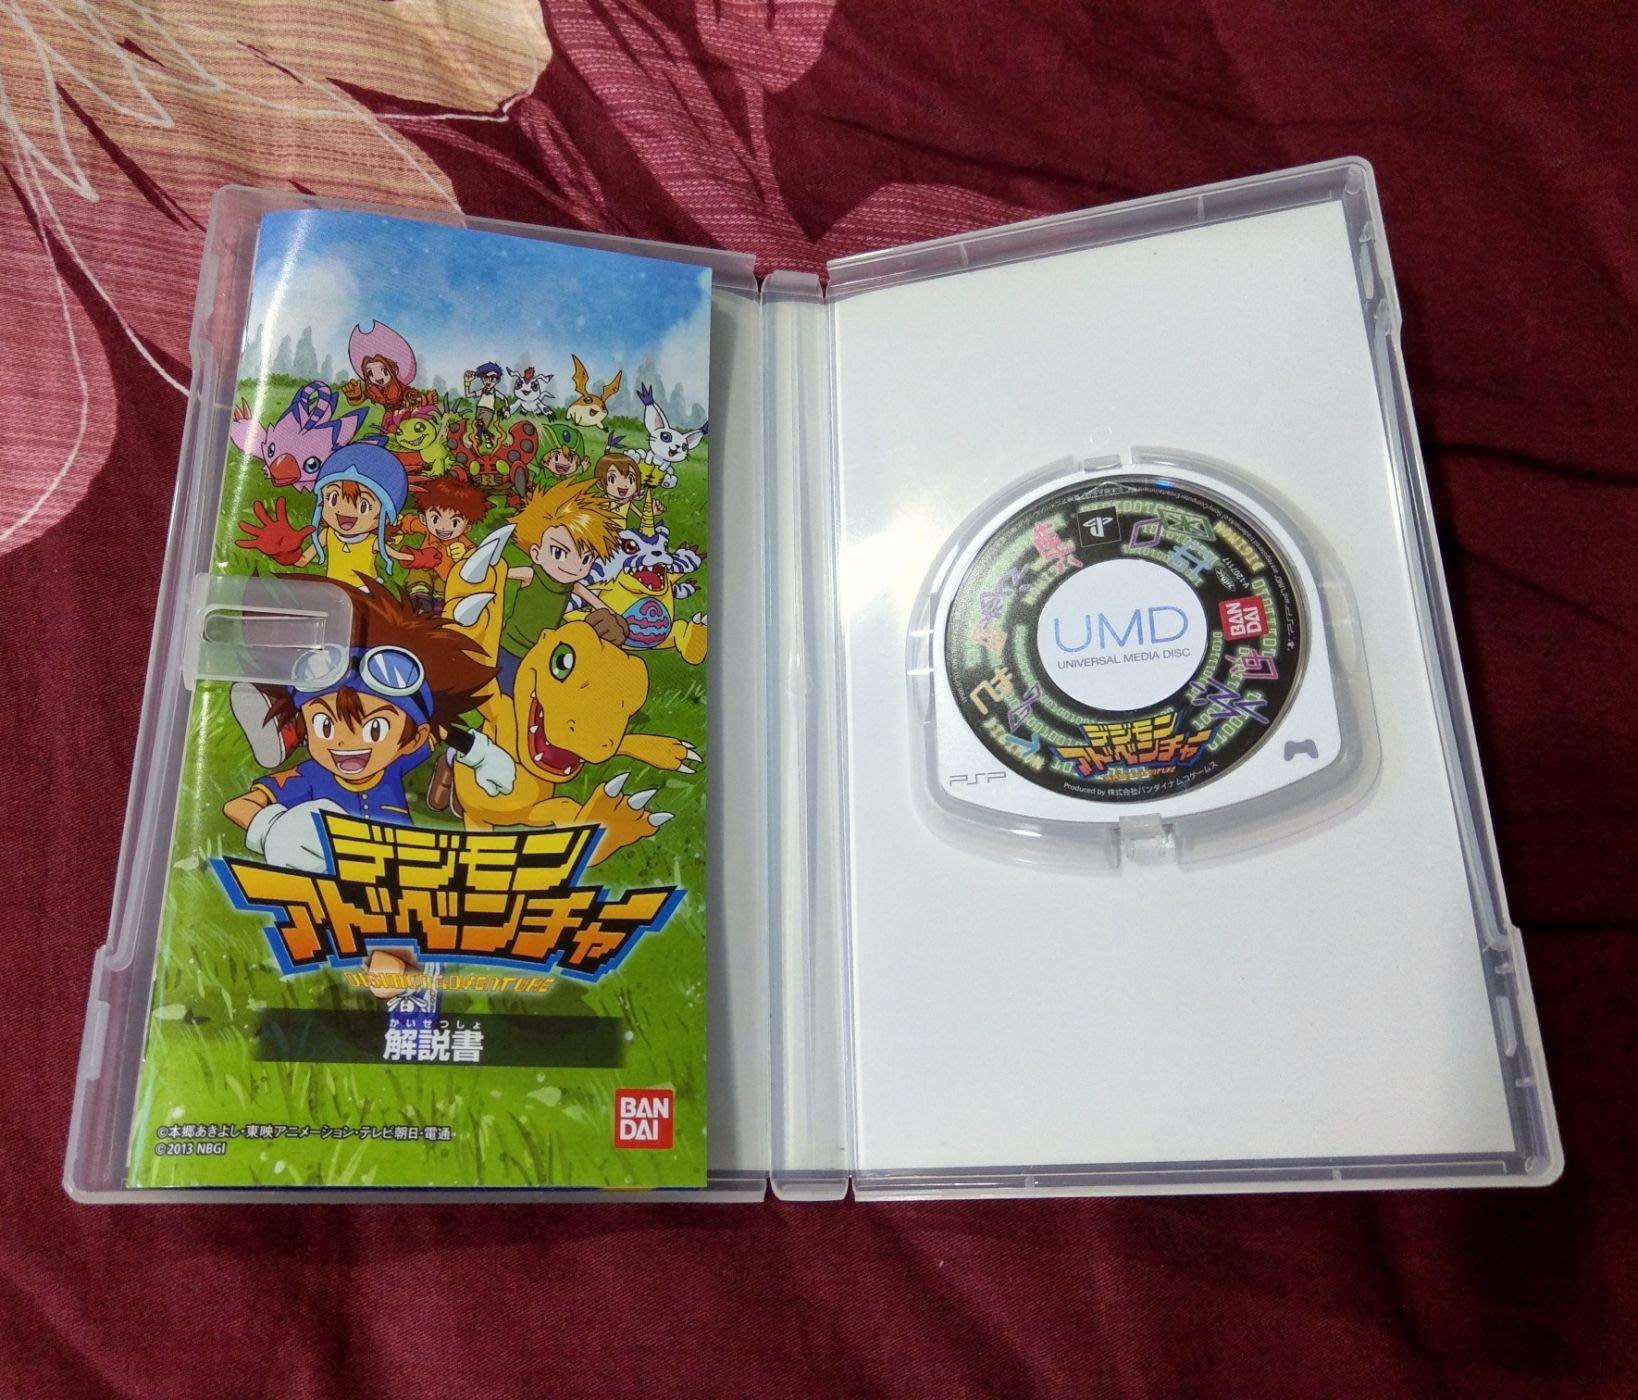 PSP 數碼寶貝 純日版(編號217)